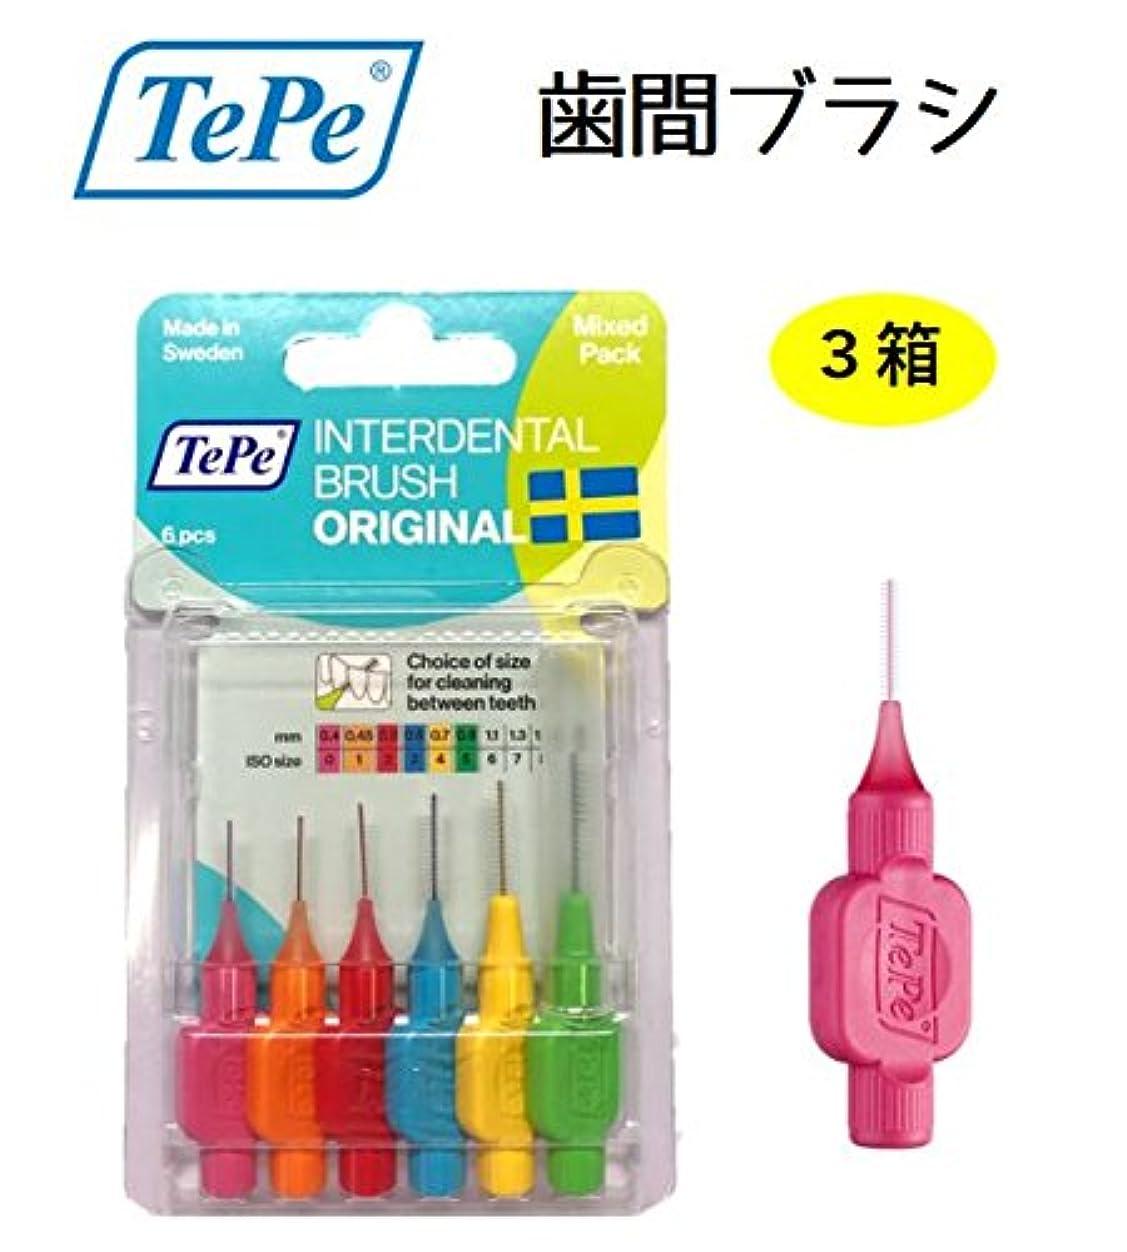 ソファーマイクロフォンリングテペ 歯間プラシ ミックス ブリスターパック 3パック TePe IDブラシ